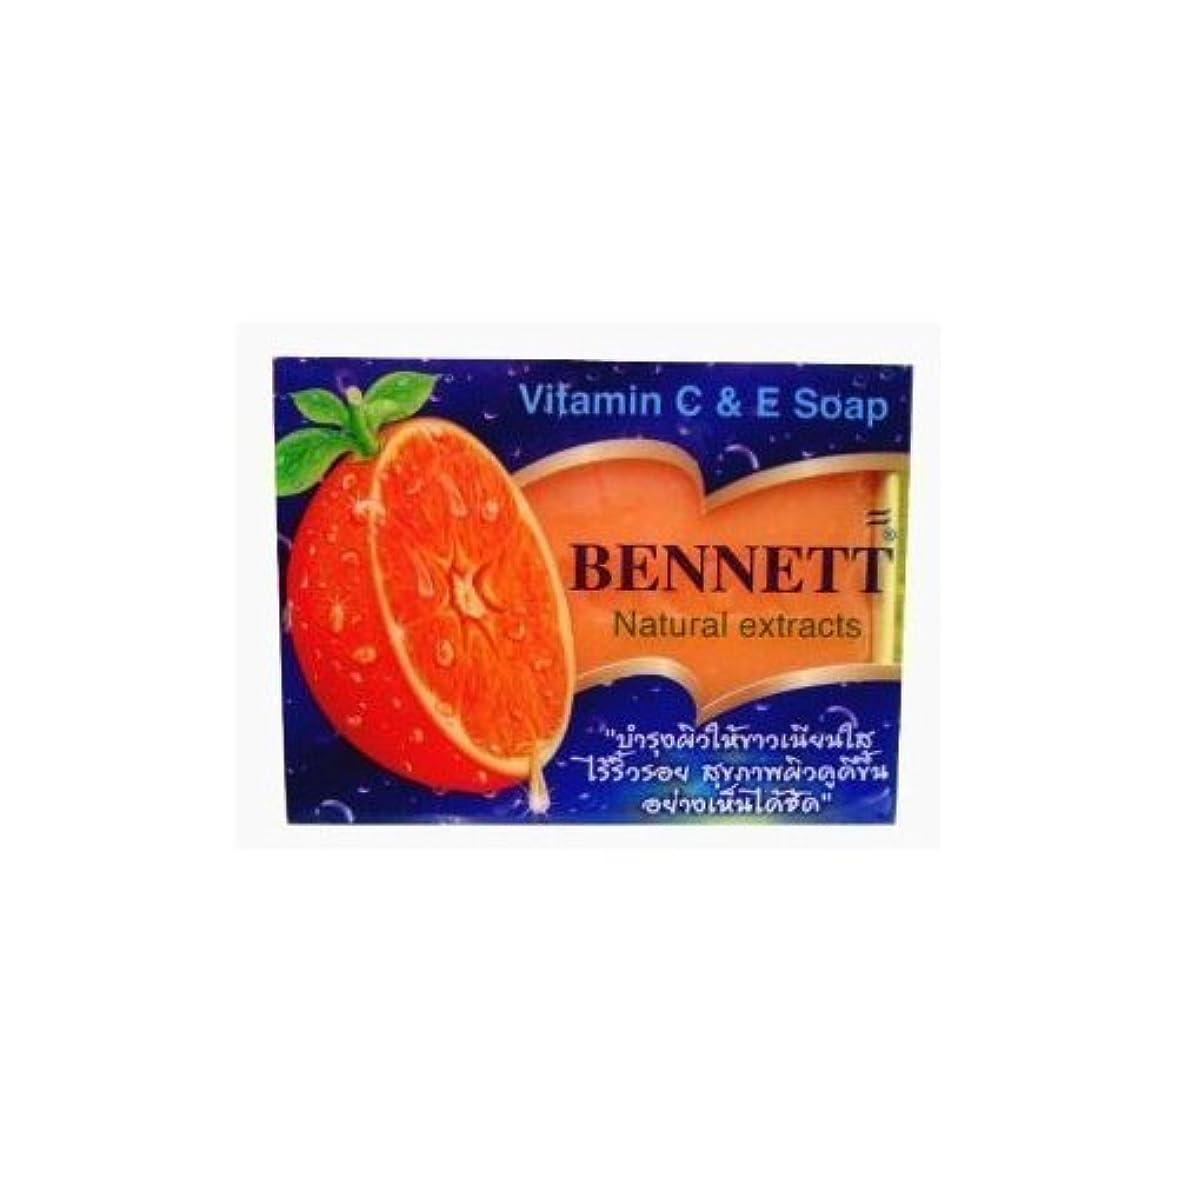 スキームノーブル無High Vitamin Fruit Extract Body and Face Bar Spa Soap 4.59 0z, Enriched Vitamin C & E Skin Smooth & Anti Acne...